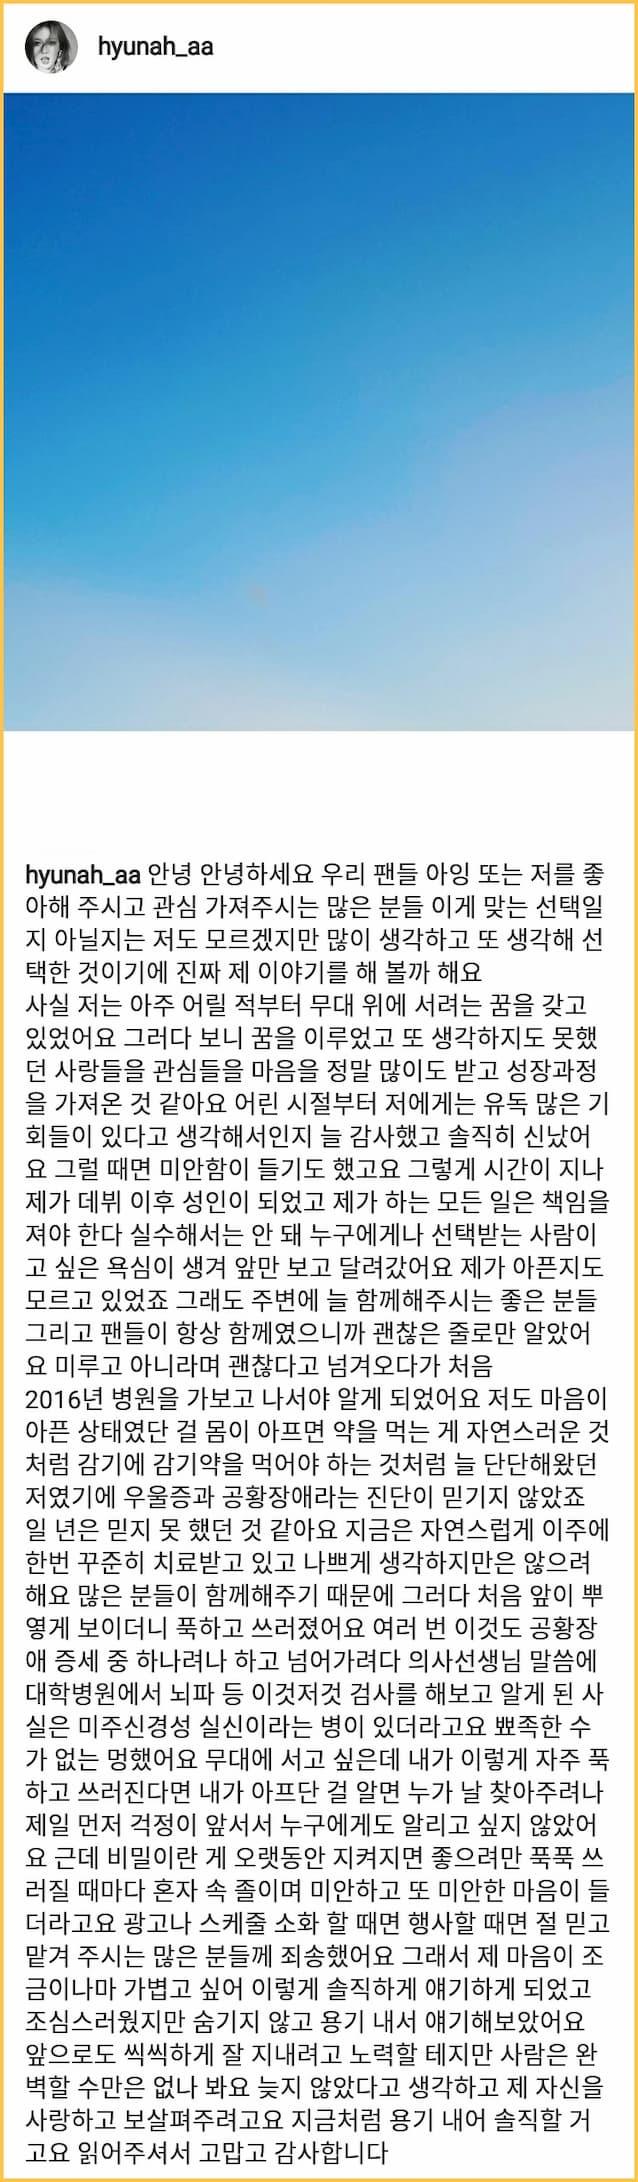 ฮยอนอา เผยเป็นโรคซึมเศร้า